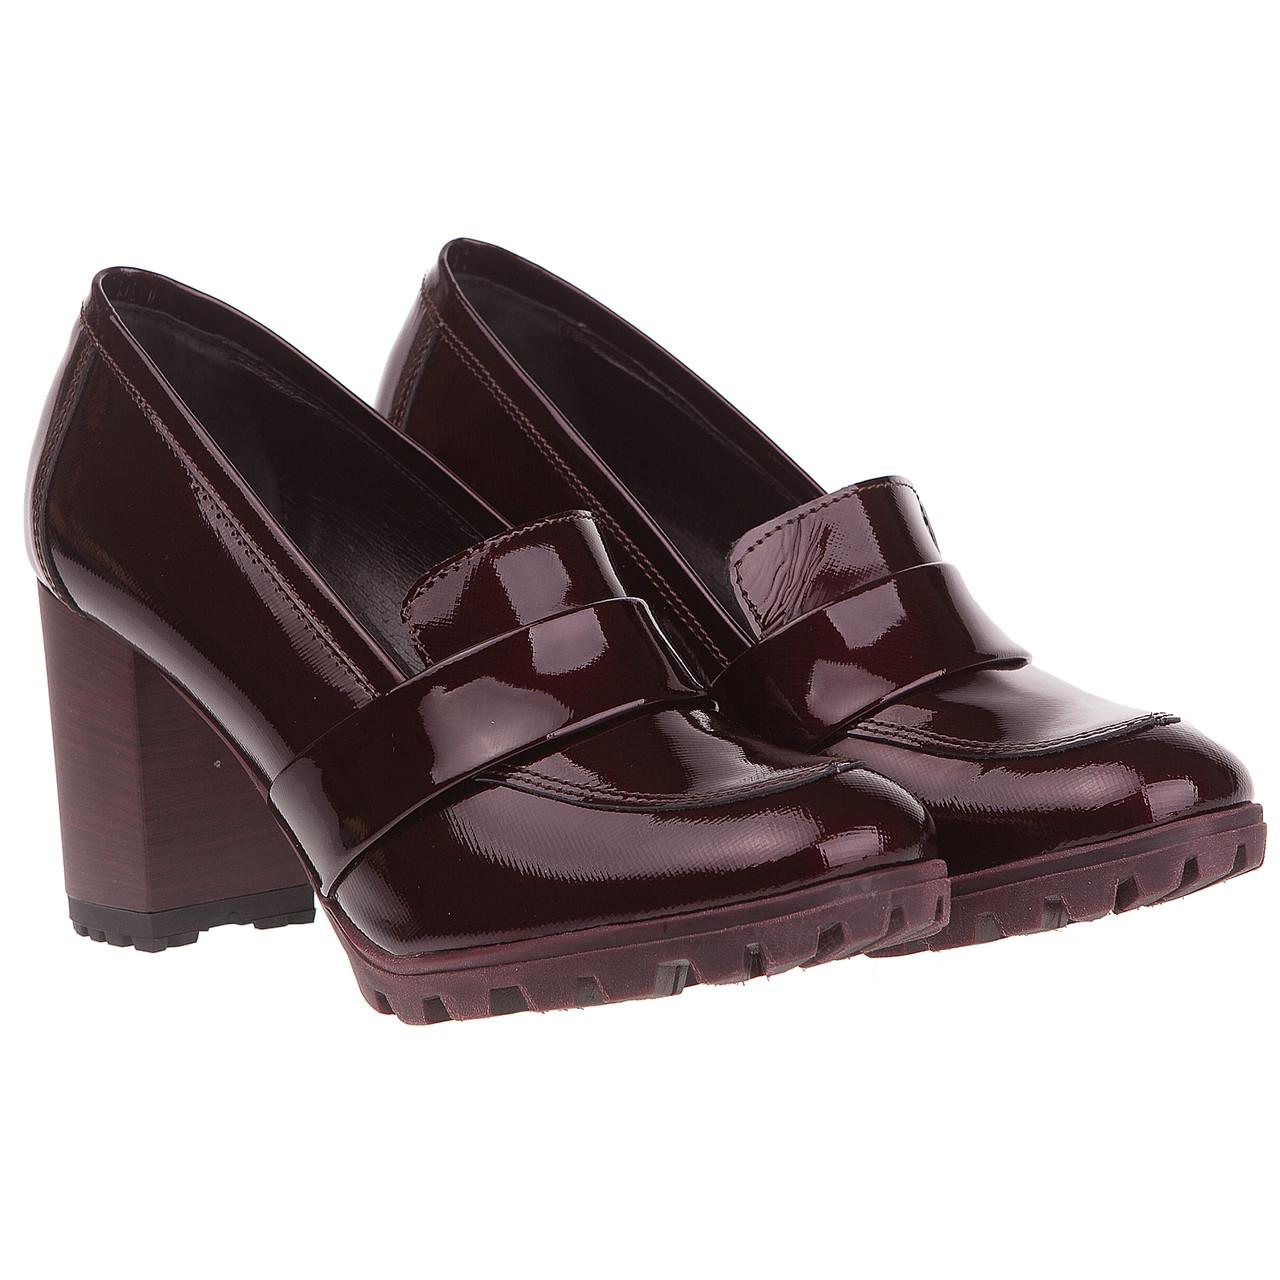 30993e6c8 Женские туфли лоферы Kabala (на высоком каблуке, бордовые, стильные,  модные, актуальные